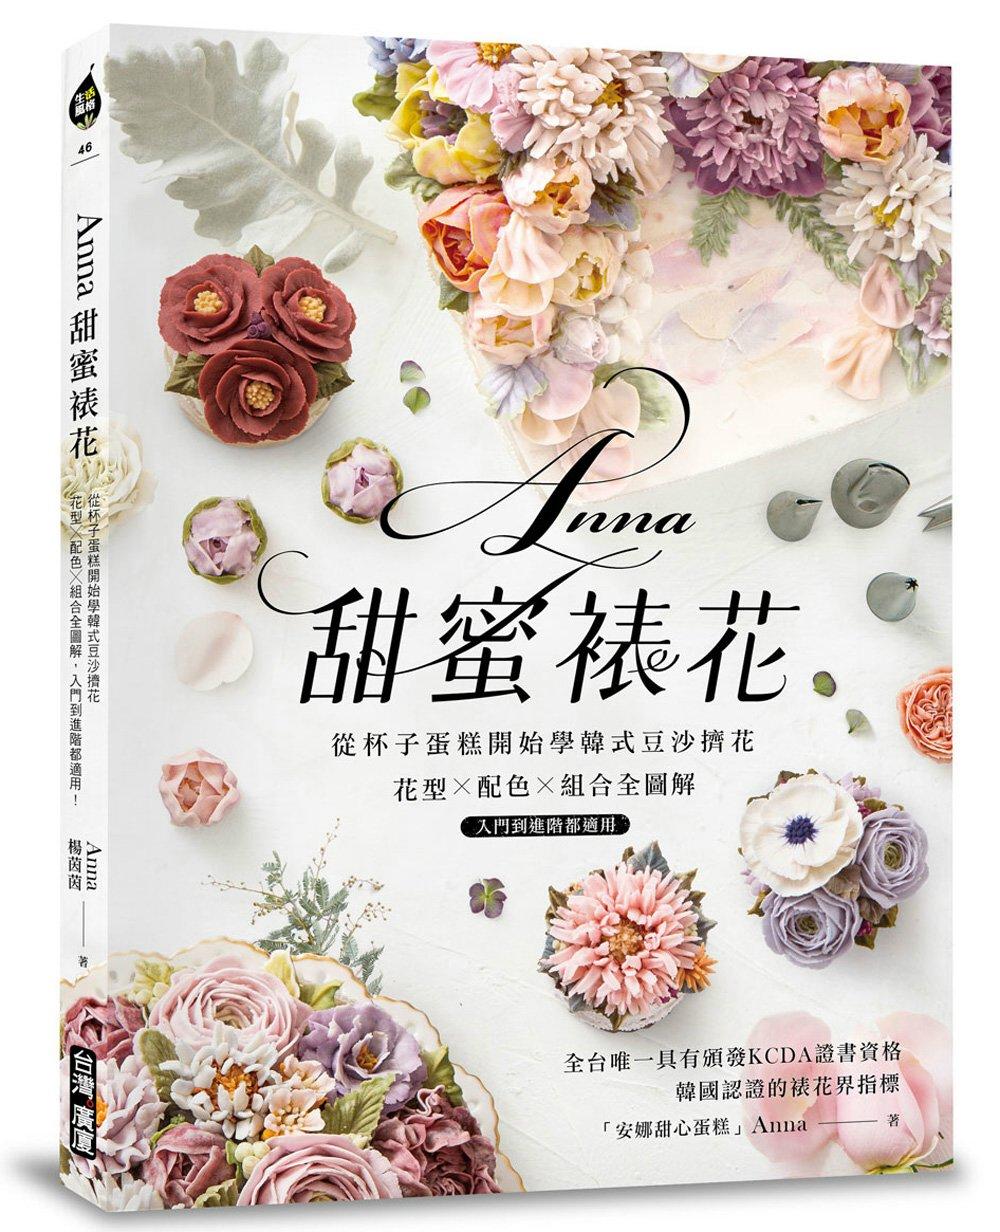 Anna甜蜜裱花(獨家限量親簽版